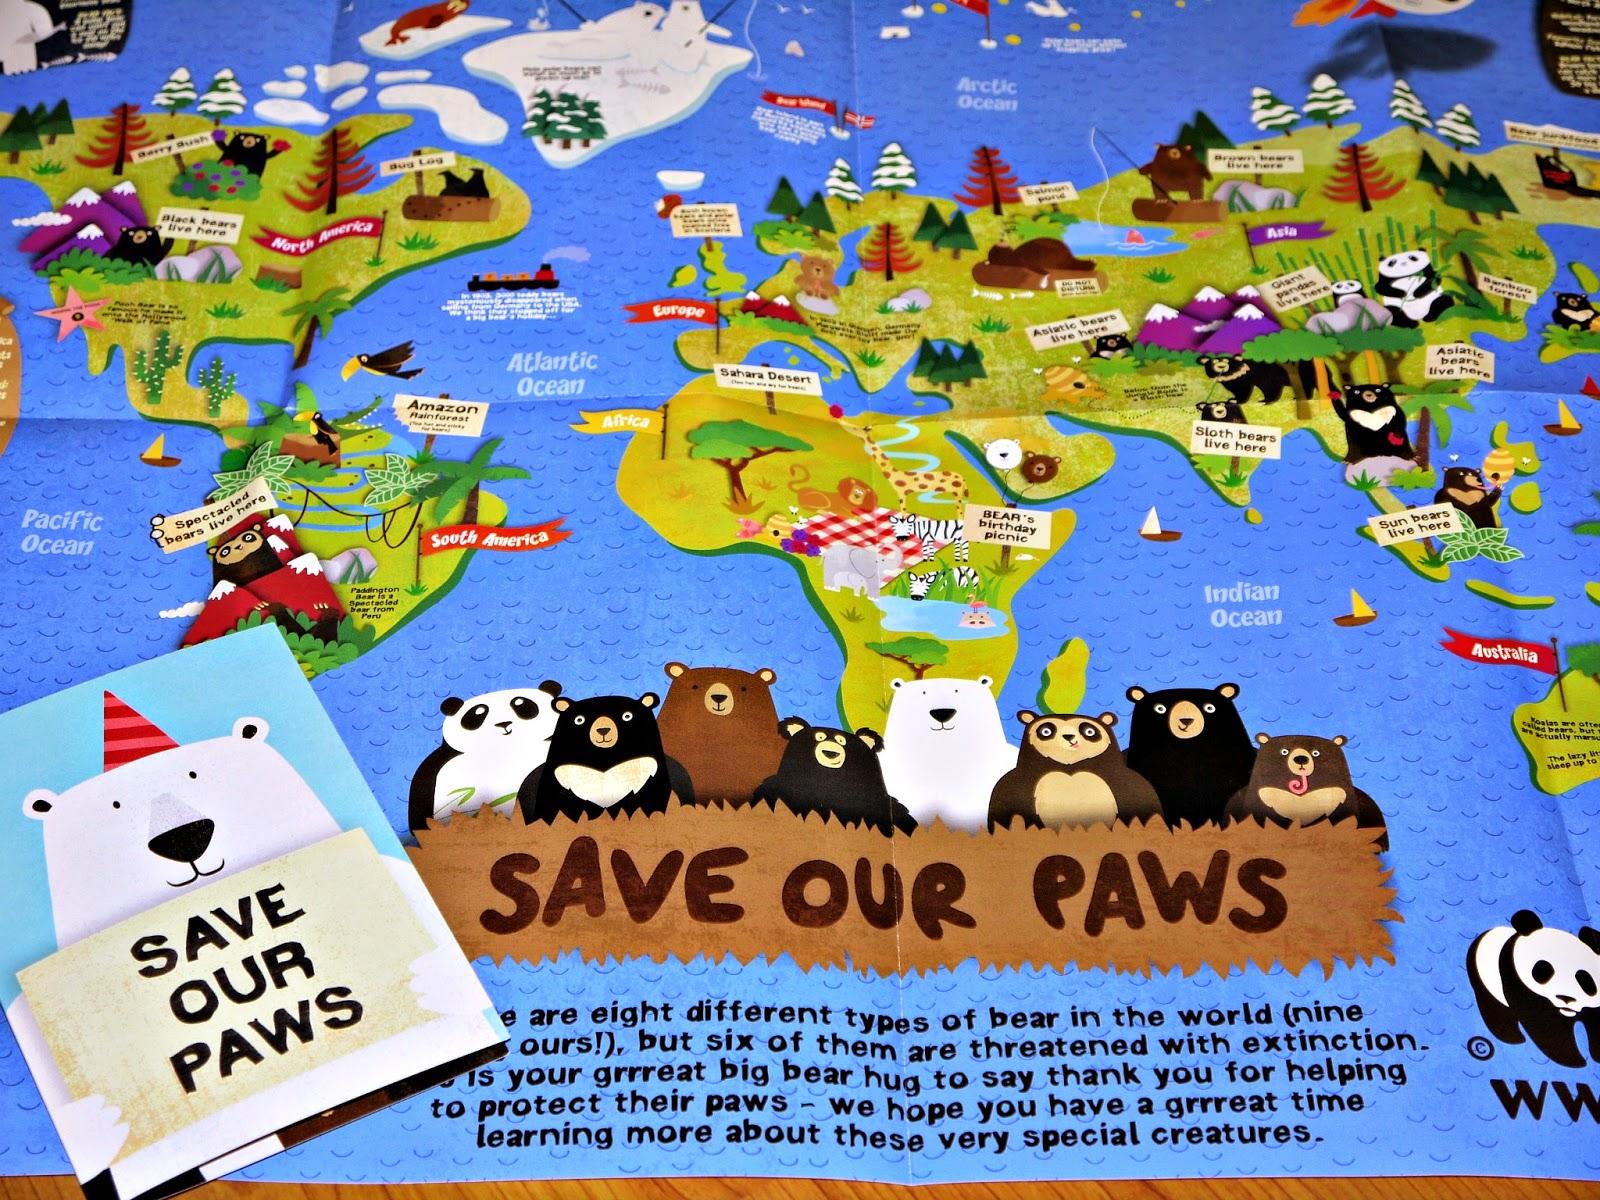 WWF, BEAR